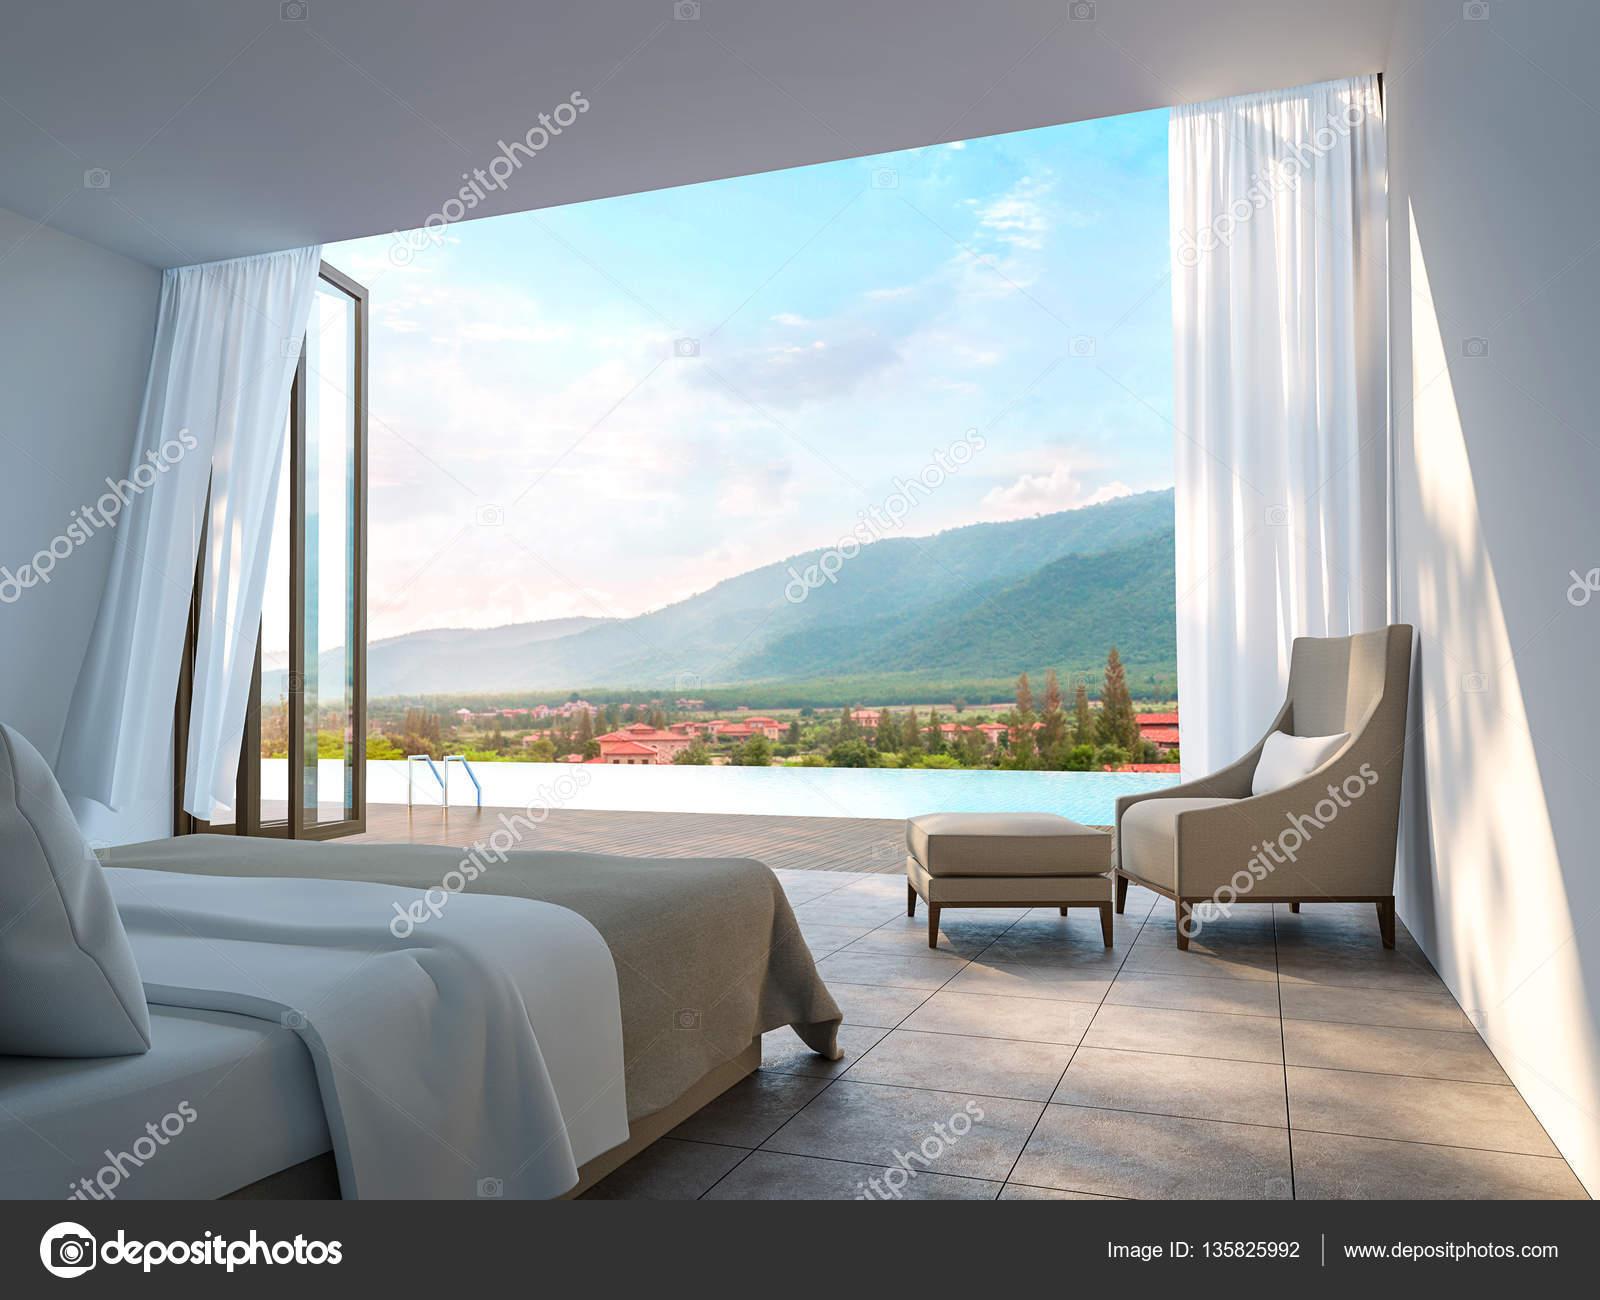 Moderne Schlafzimmer Mit Blick Auf Die Berge 3D Rendering Bild. Es Gibt  Grenzenlose Schwimmbad Gibt Es Große Offene Tür Mit Blick Auf Die  Umliegende Natur ...